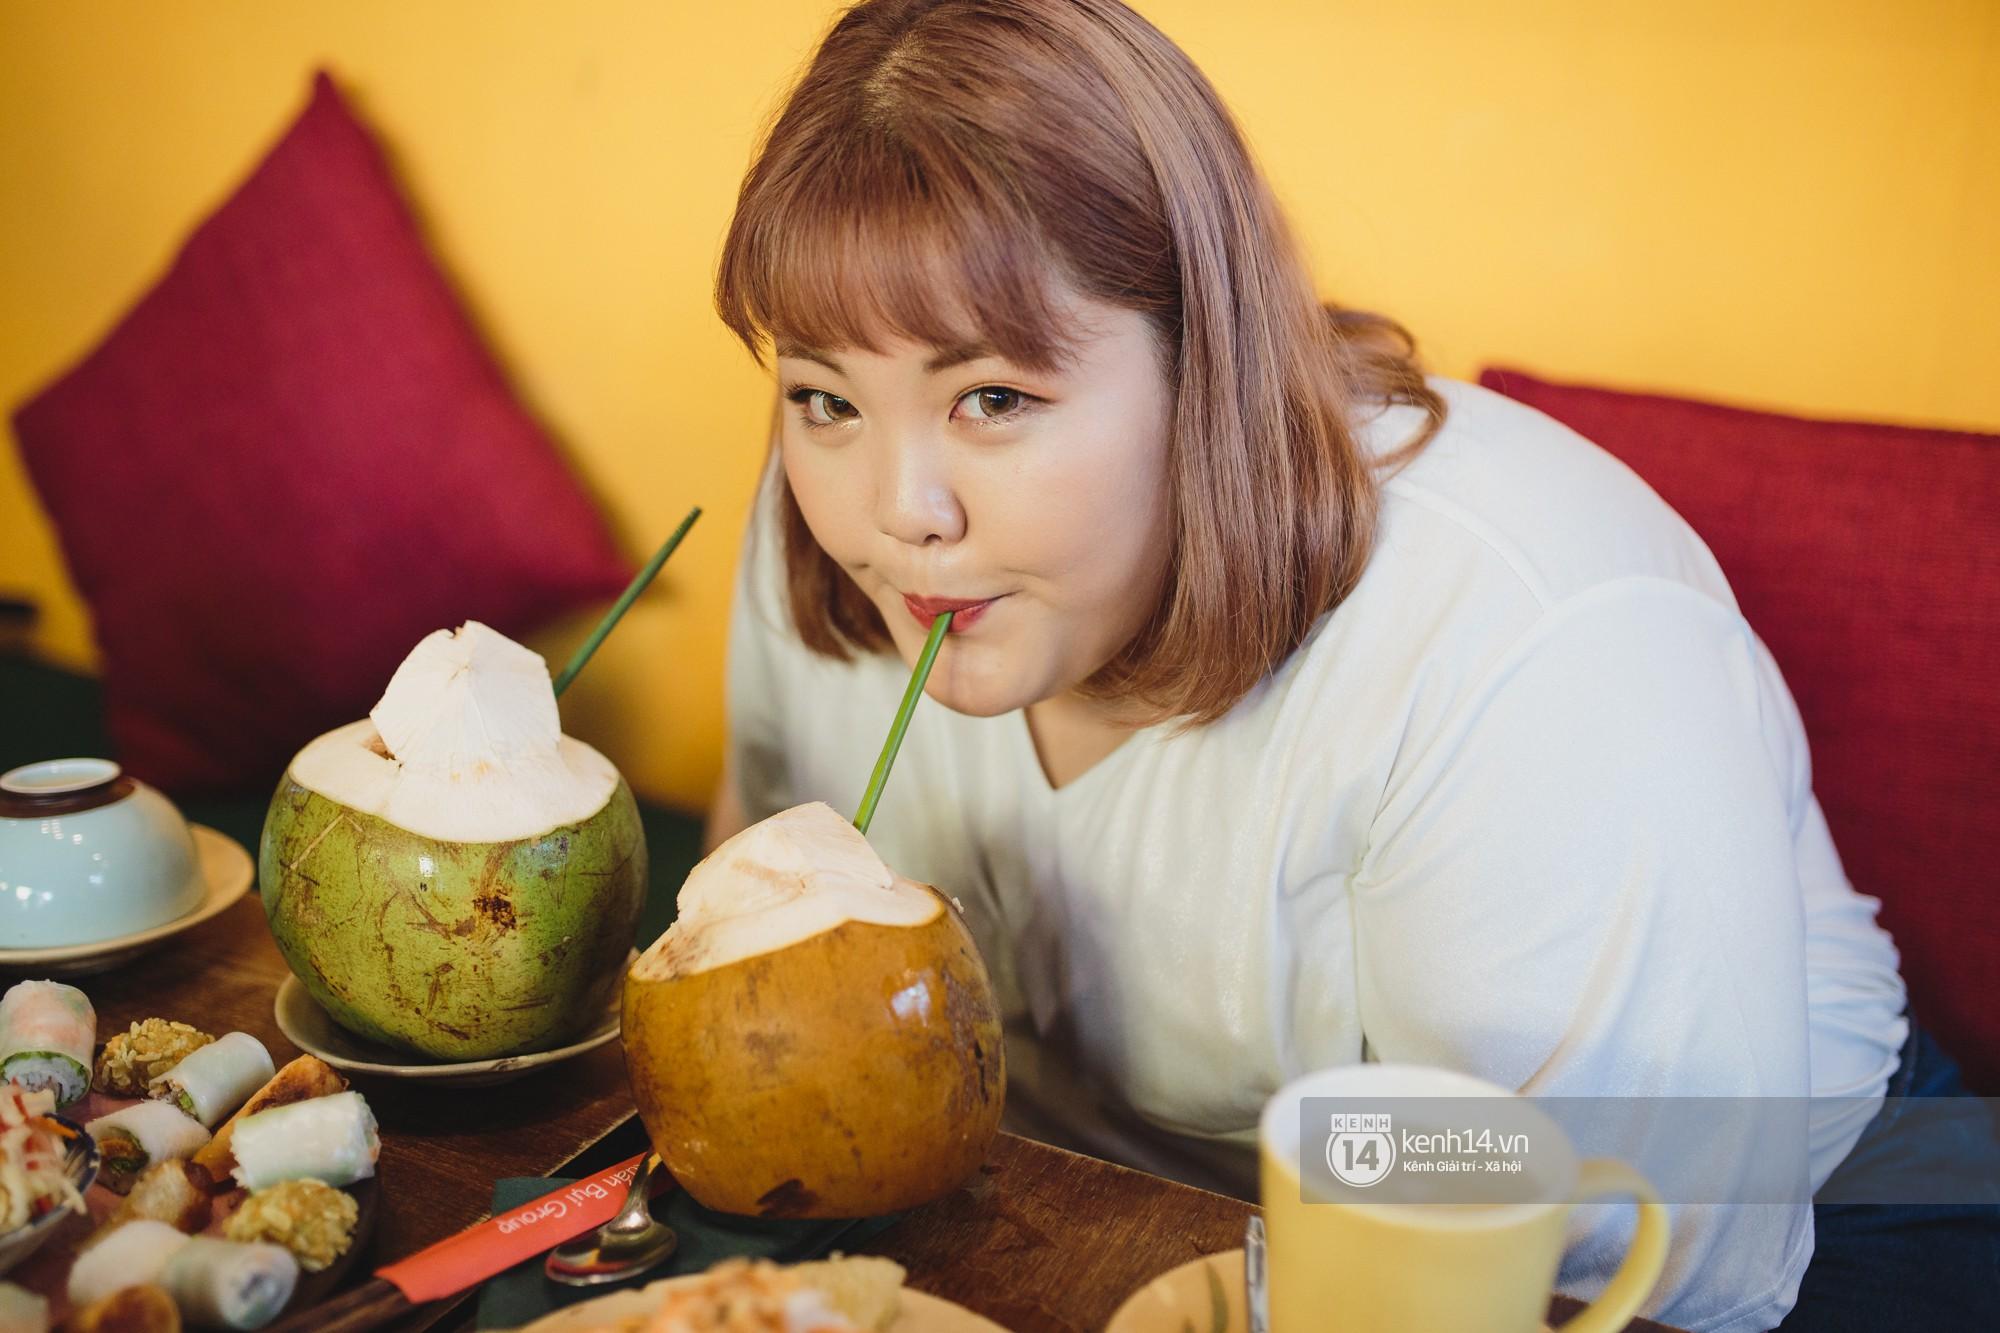 Nàng mập triệu view Hàn Quốc đến Việt Nam: Ăn cua hết 10 triệu, vẫn tiếc vì chưa kịp ăn bún chả - Ảnh 4.